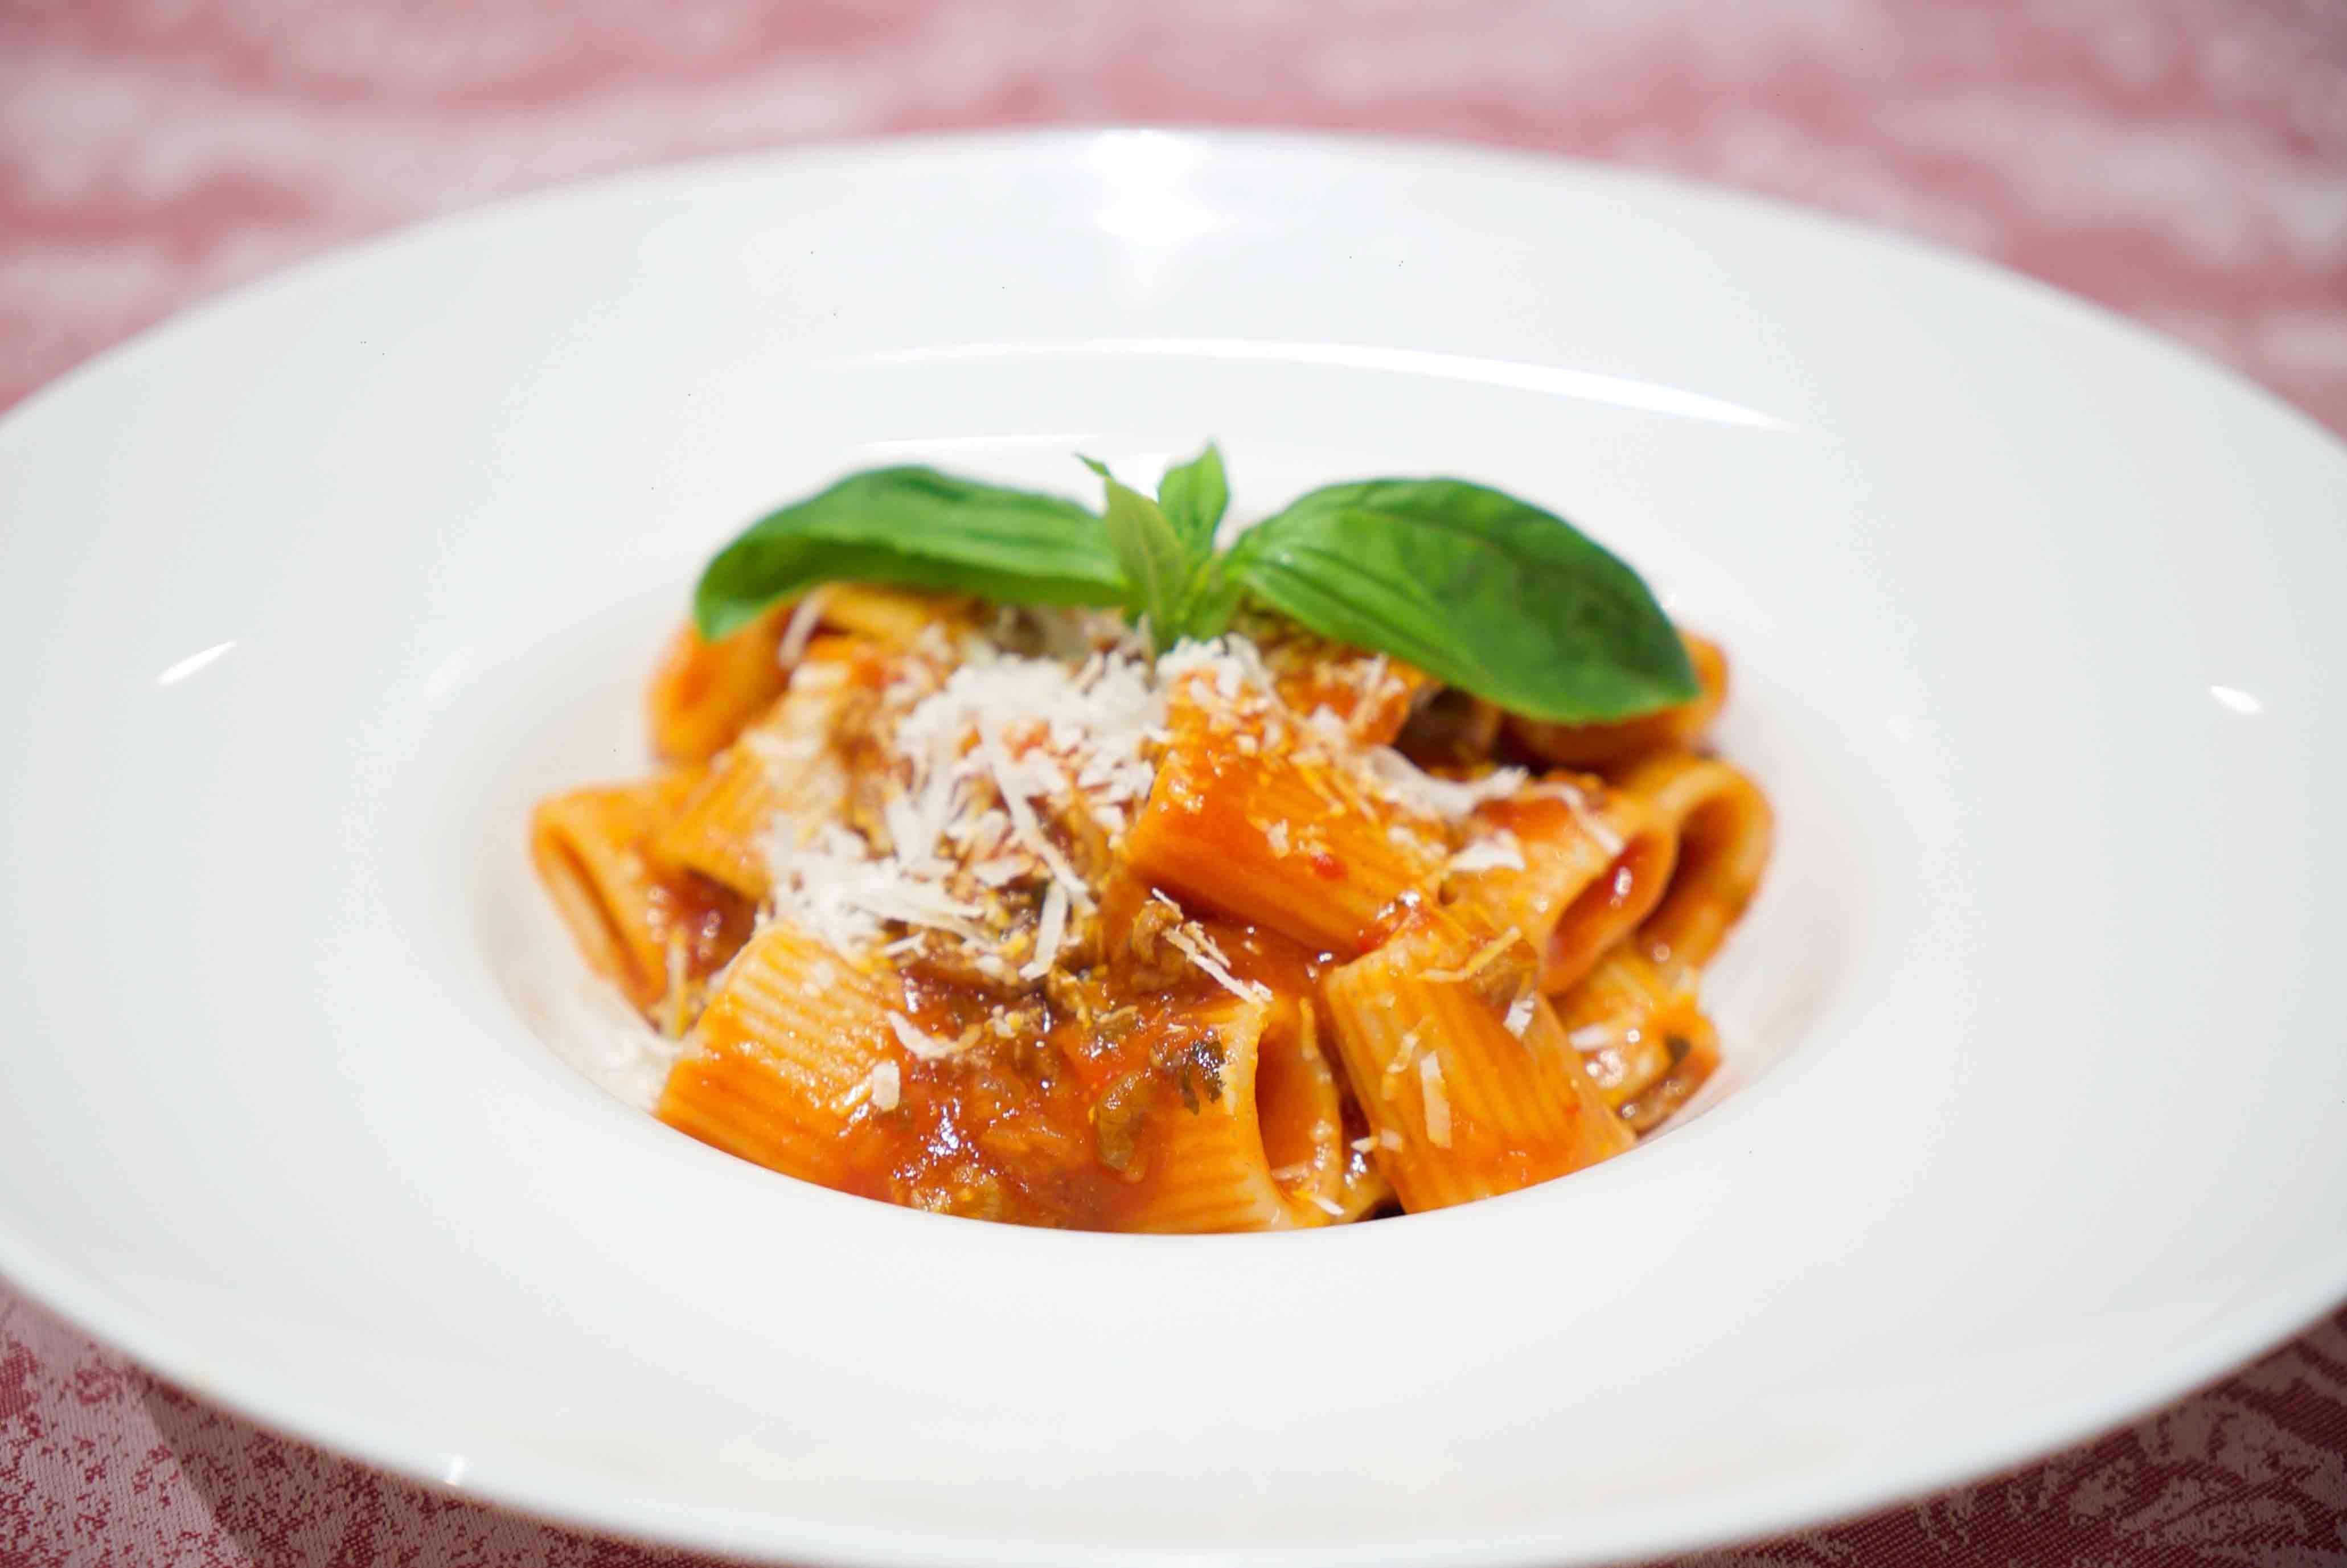 Foto de El Rincón de Esteban proporciona los 7 Tips para comer pasta